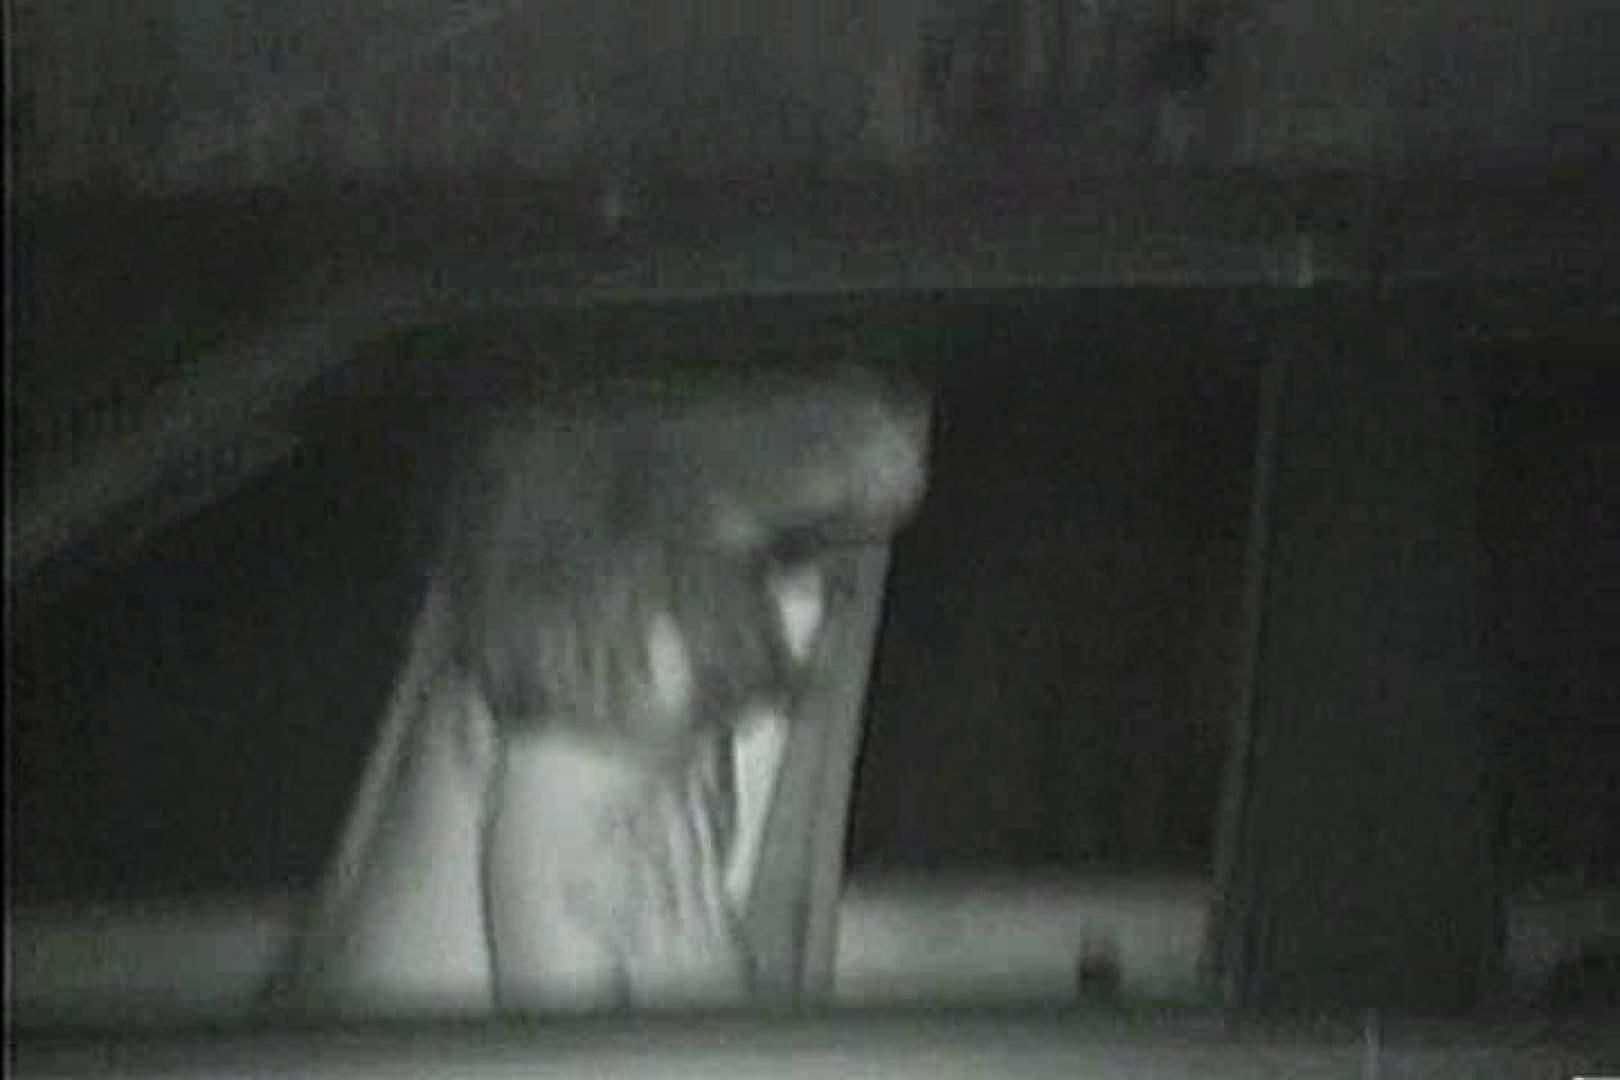 車の中はラブホテル 無修正版  Vol.9 OLの実態 のぞきおめこ無修正画像 58pic 27